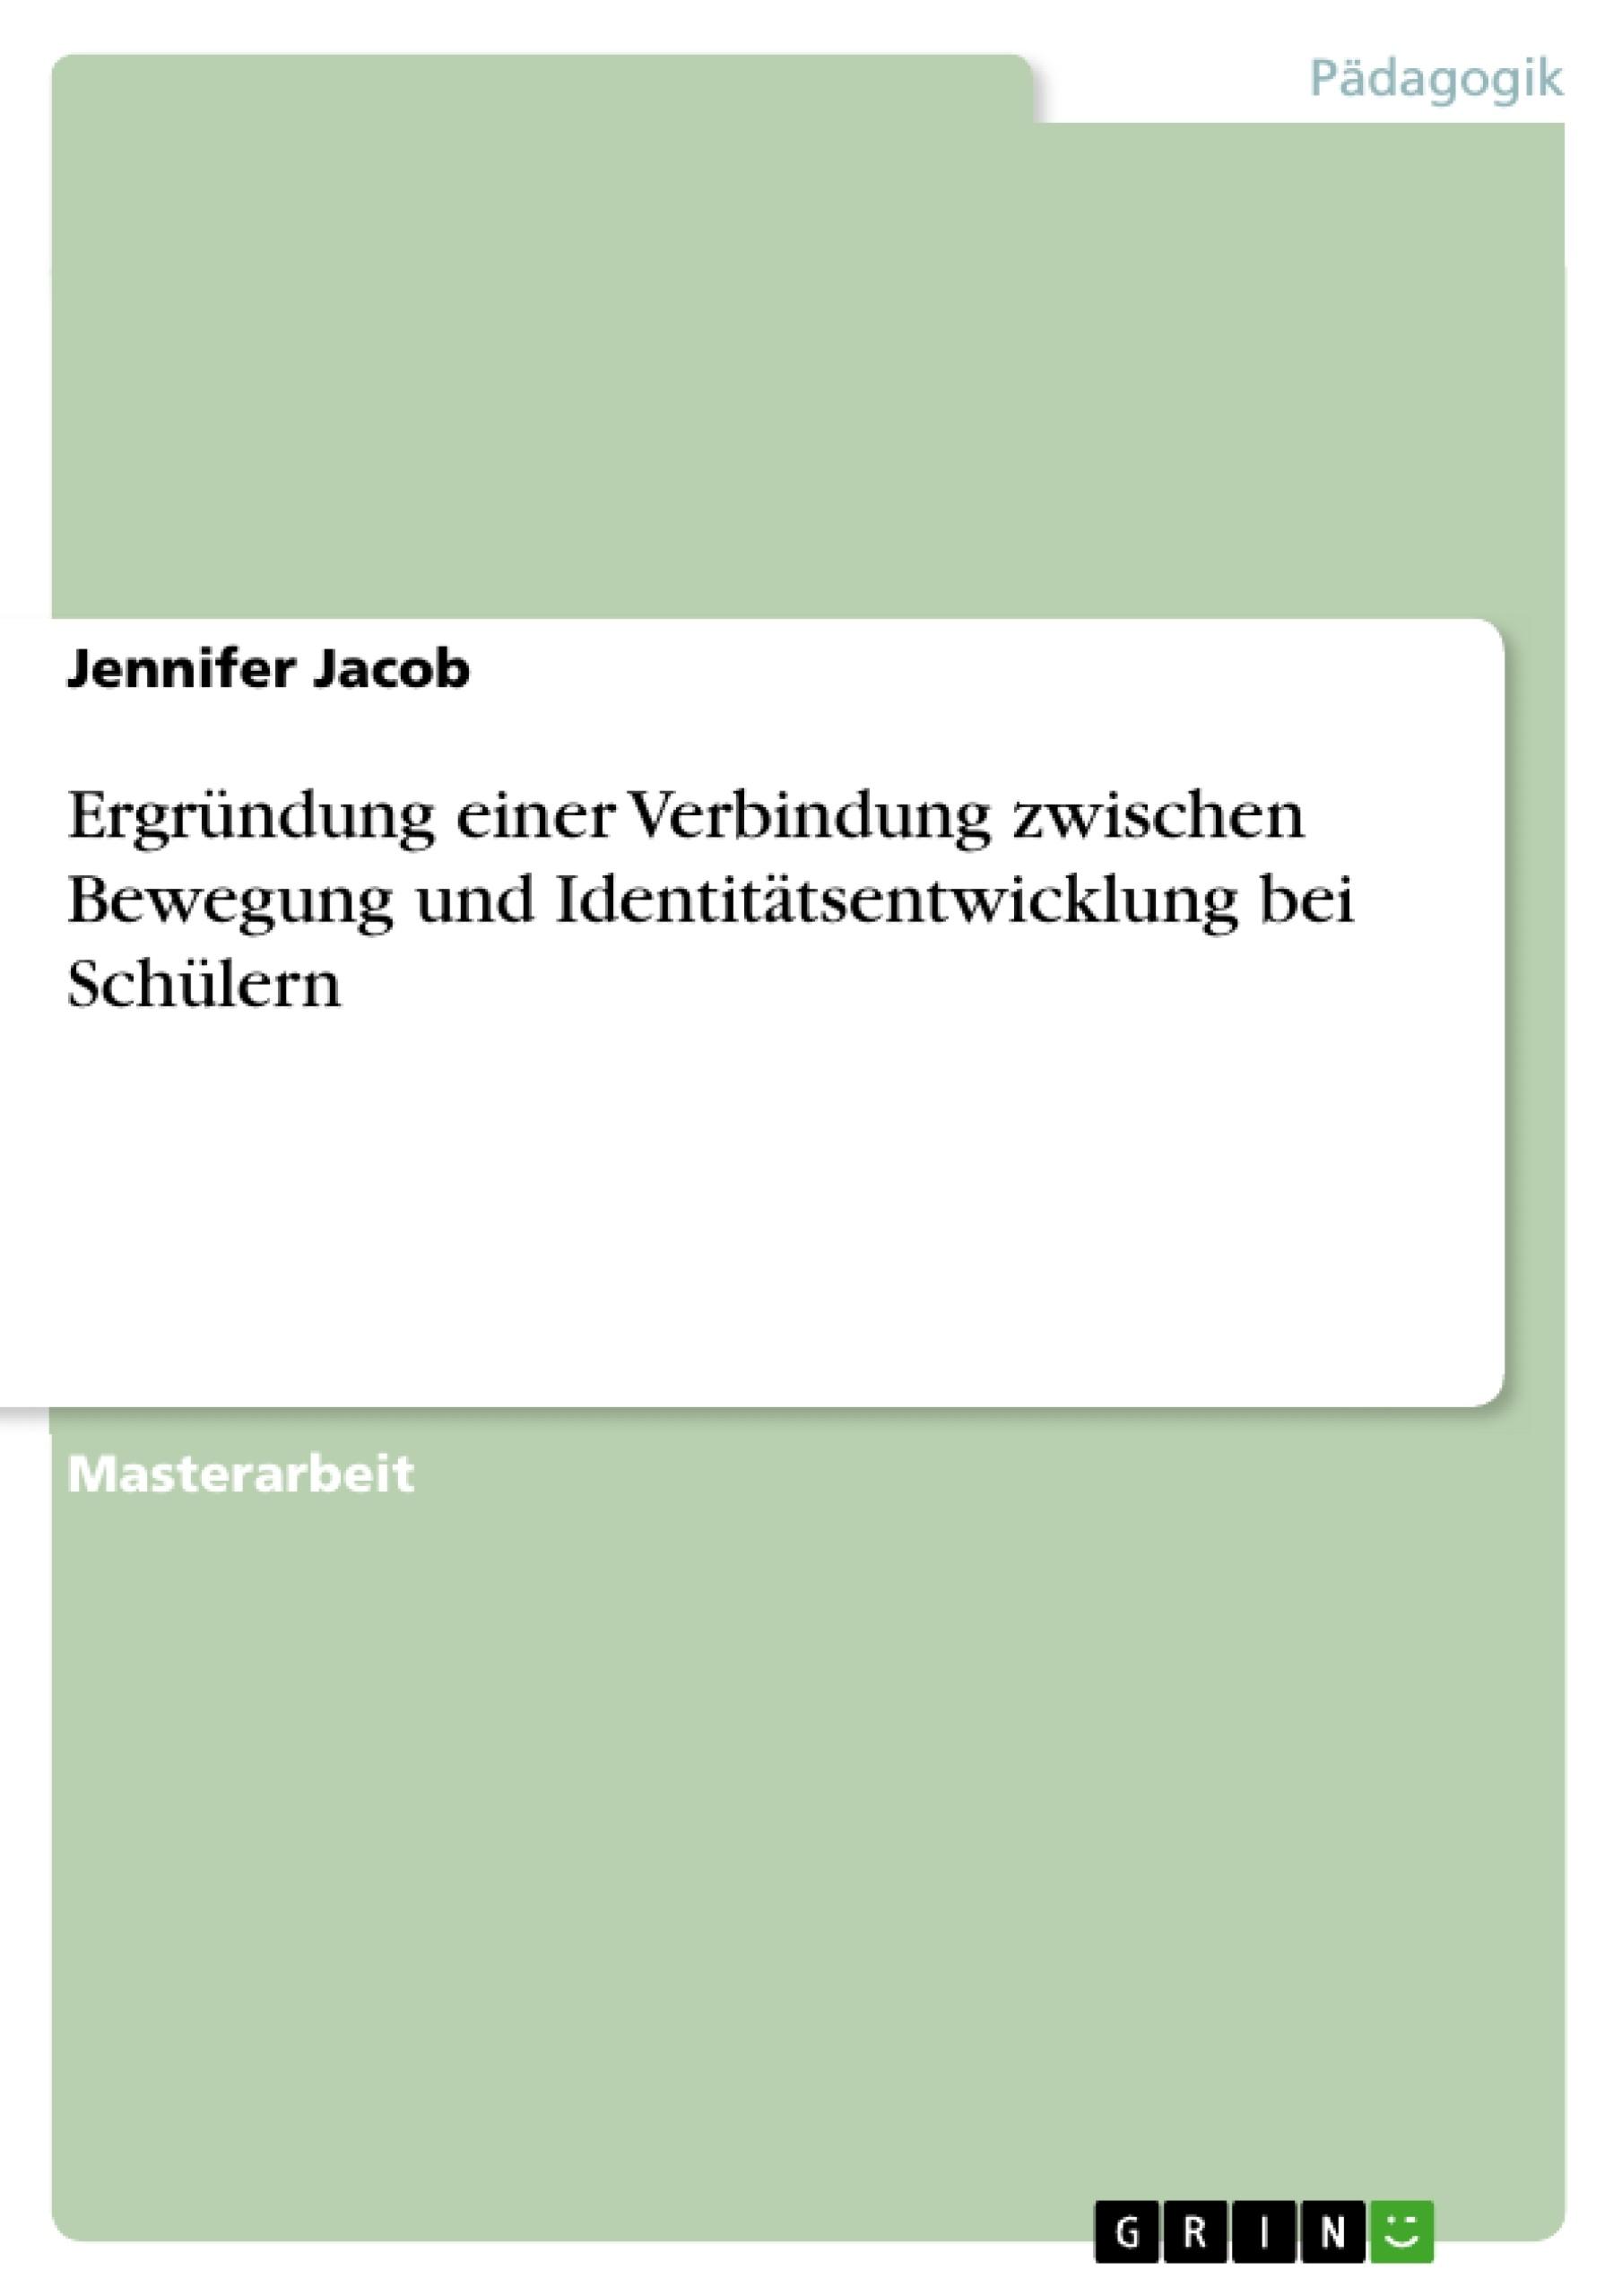 Titel: Ergründung einer Verbindung zwischen Bewegung und Identitätsentwicklung bei Schülern